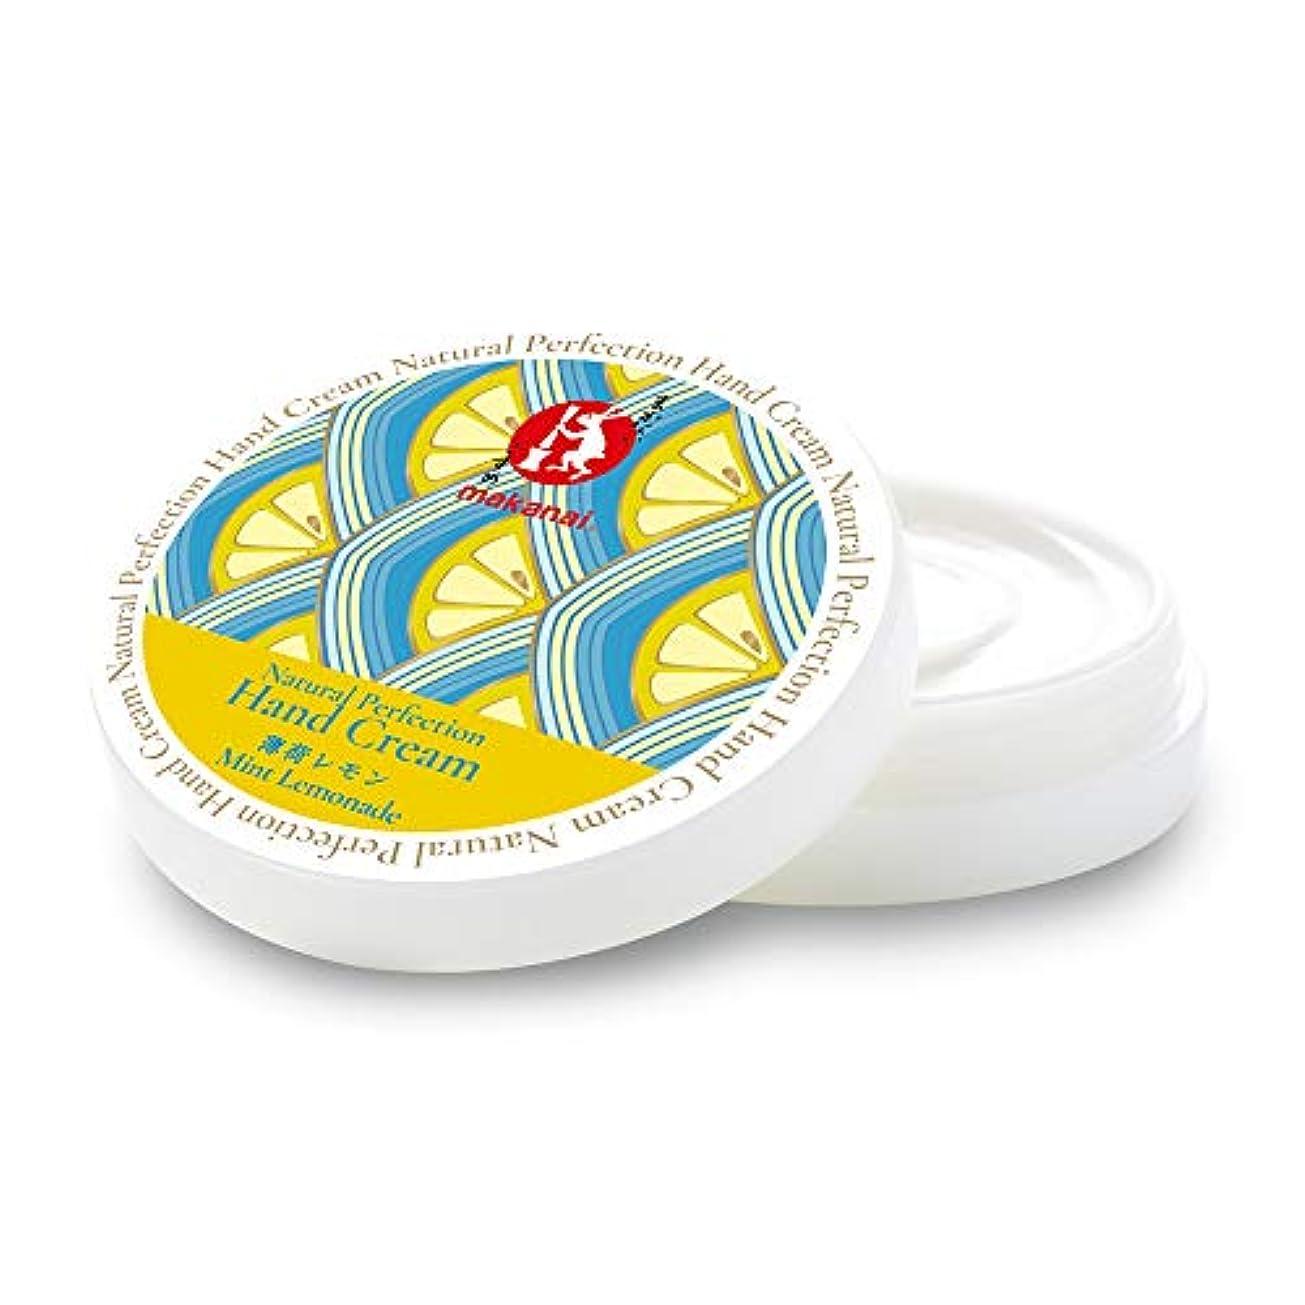 登録後世選挙まかないこすめ 絶妙レシピのハンドクリーム(薄荷レモン) 30g